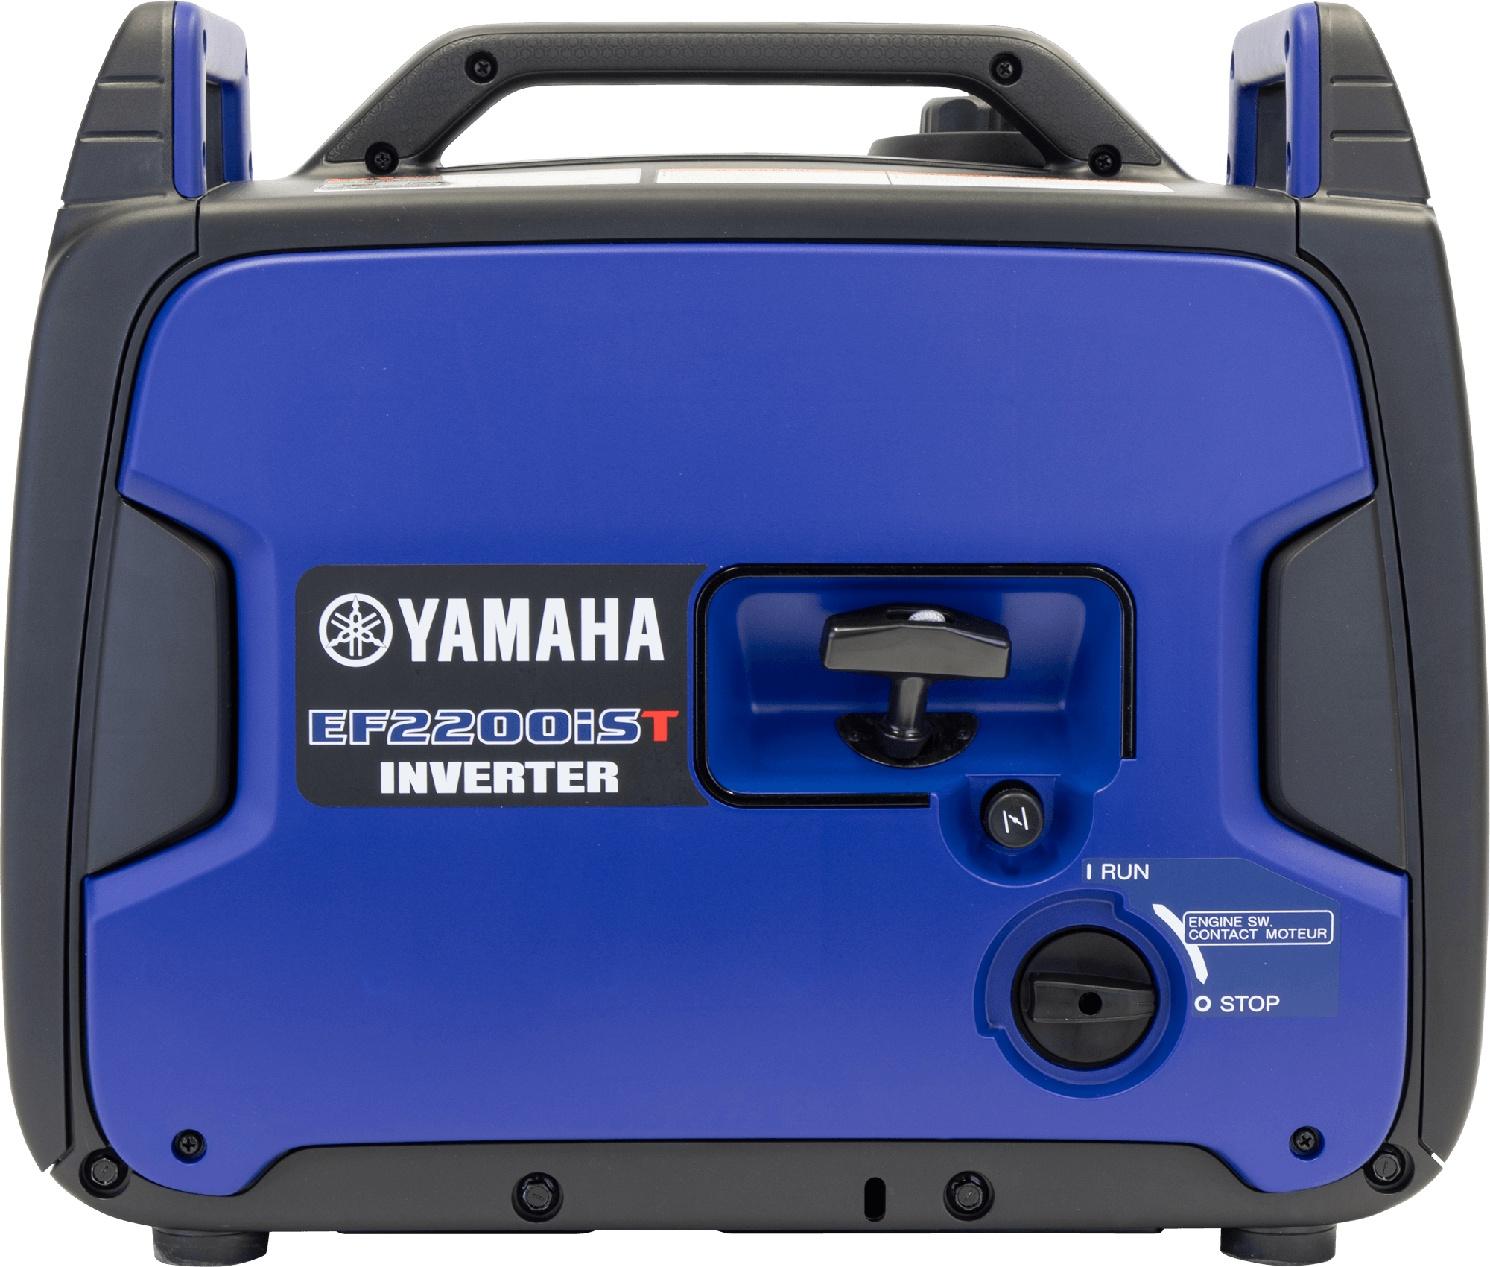 Yamaha Génératrices à inverseur EF2200IST